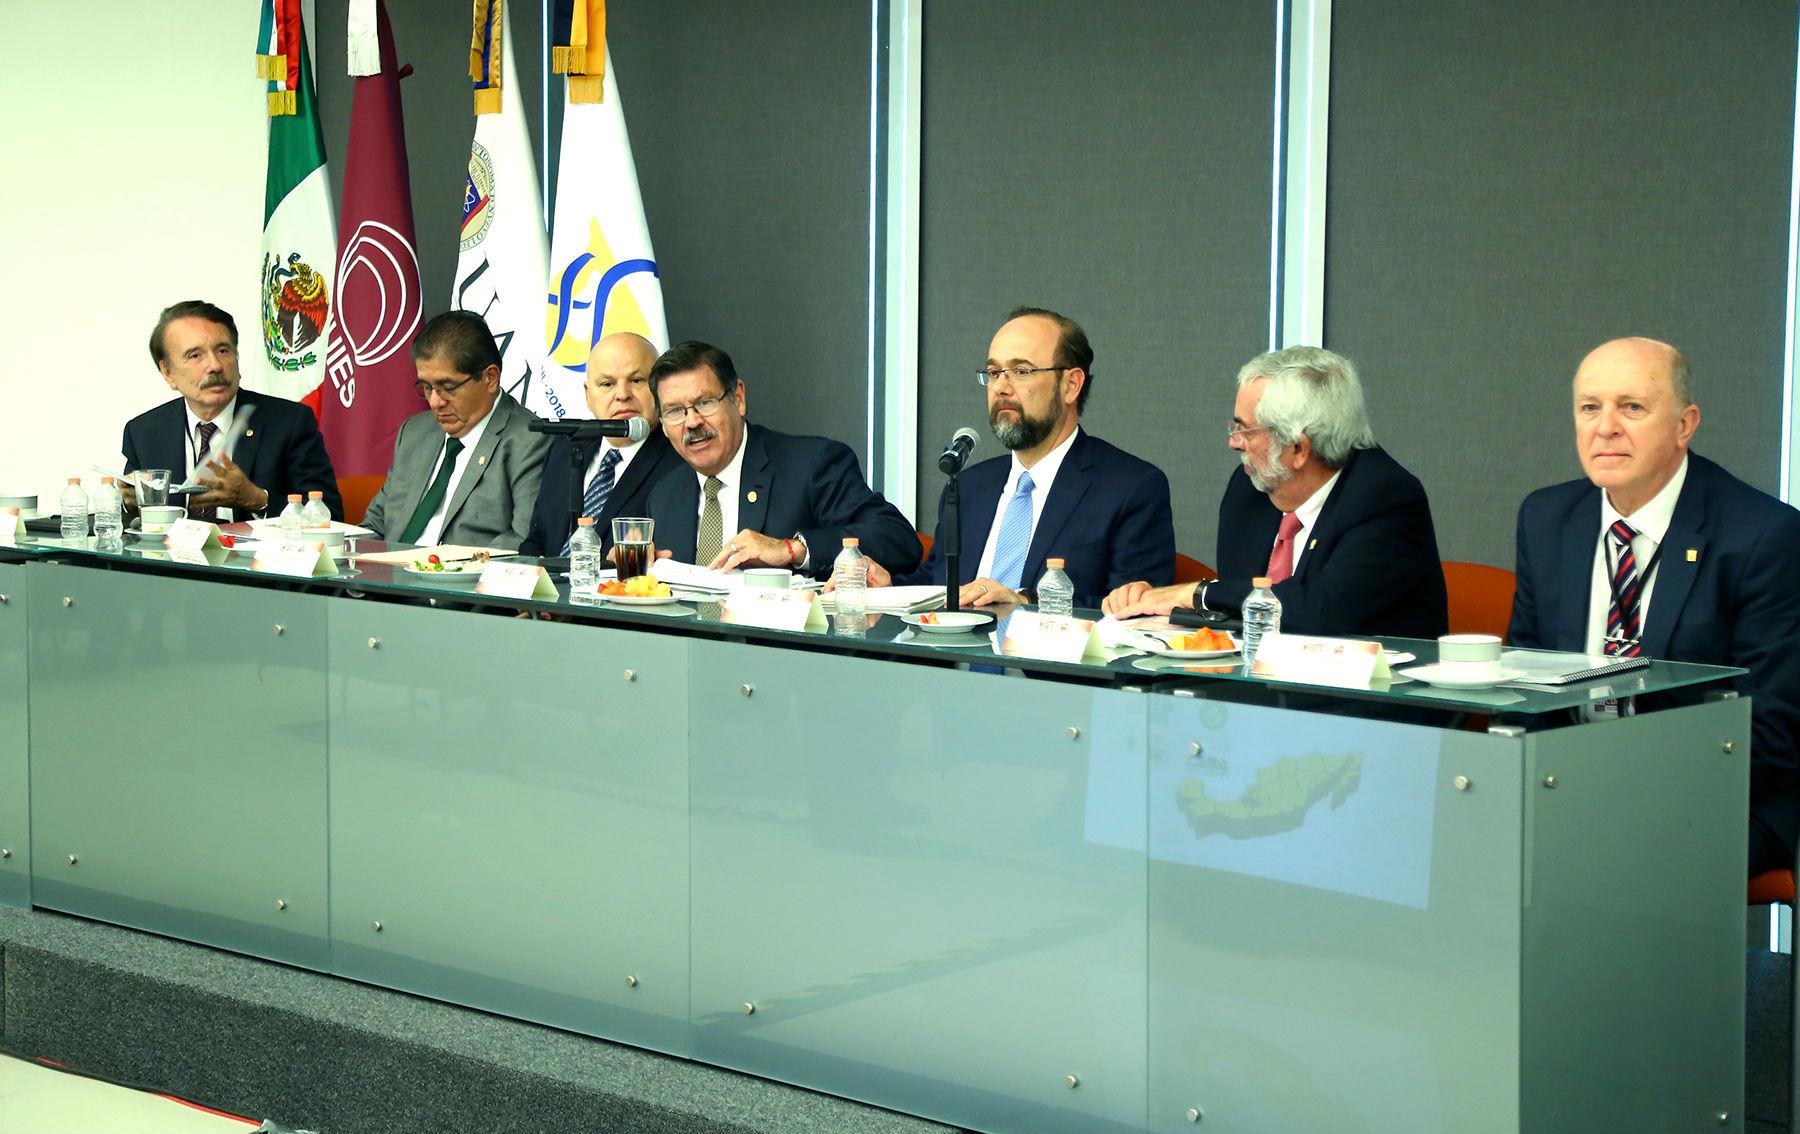 El grupo de rectores está encabezado por el anfitrión Rogelio Garza Rivera, así como por Enrique Graue, de la UNAM; Miguel Ángel